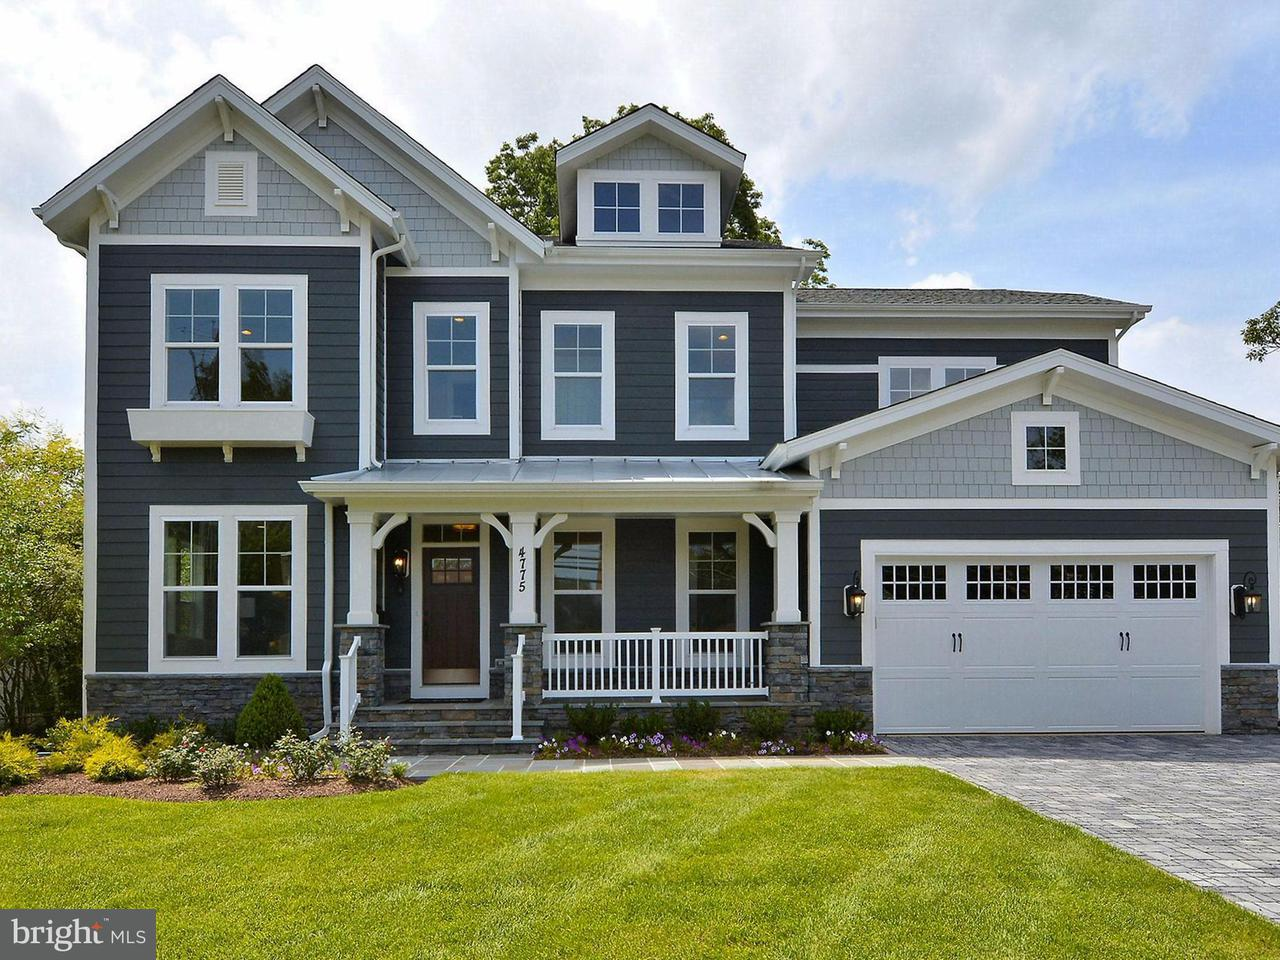 Частный односемейный дом для того Продажа на 12462 Margaret Thomas Lane 12462 Margaret Thomas Lane Herndon, Виргиния 20171 Соединенные Штаты